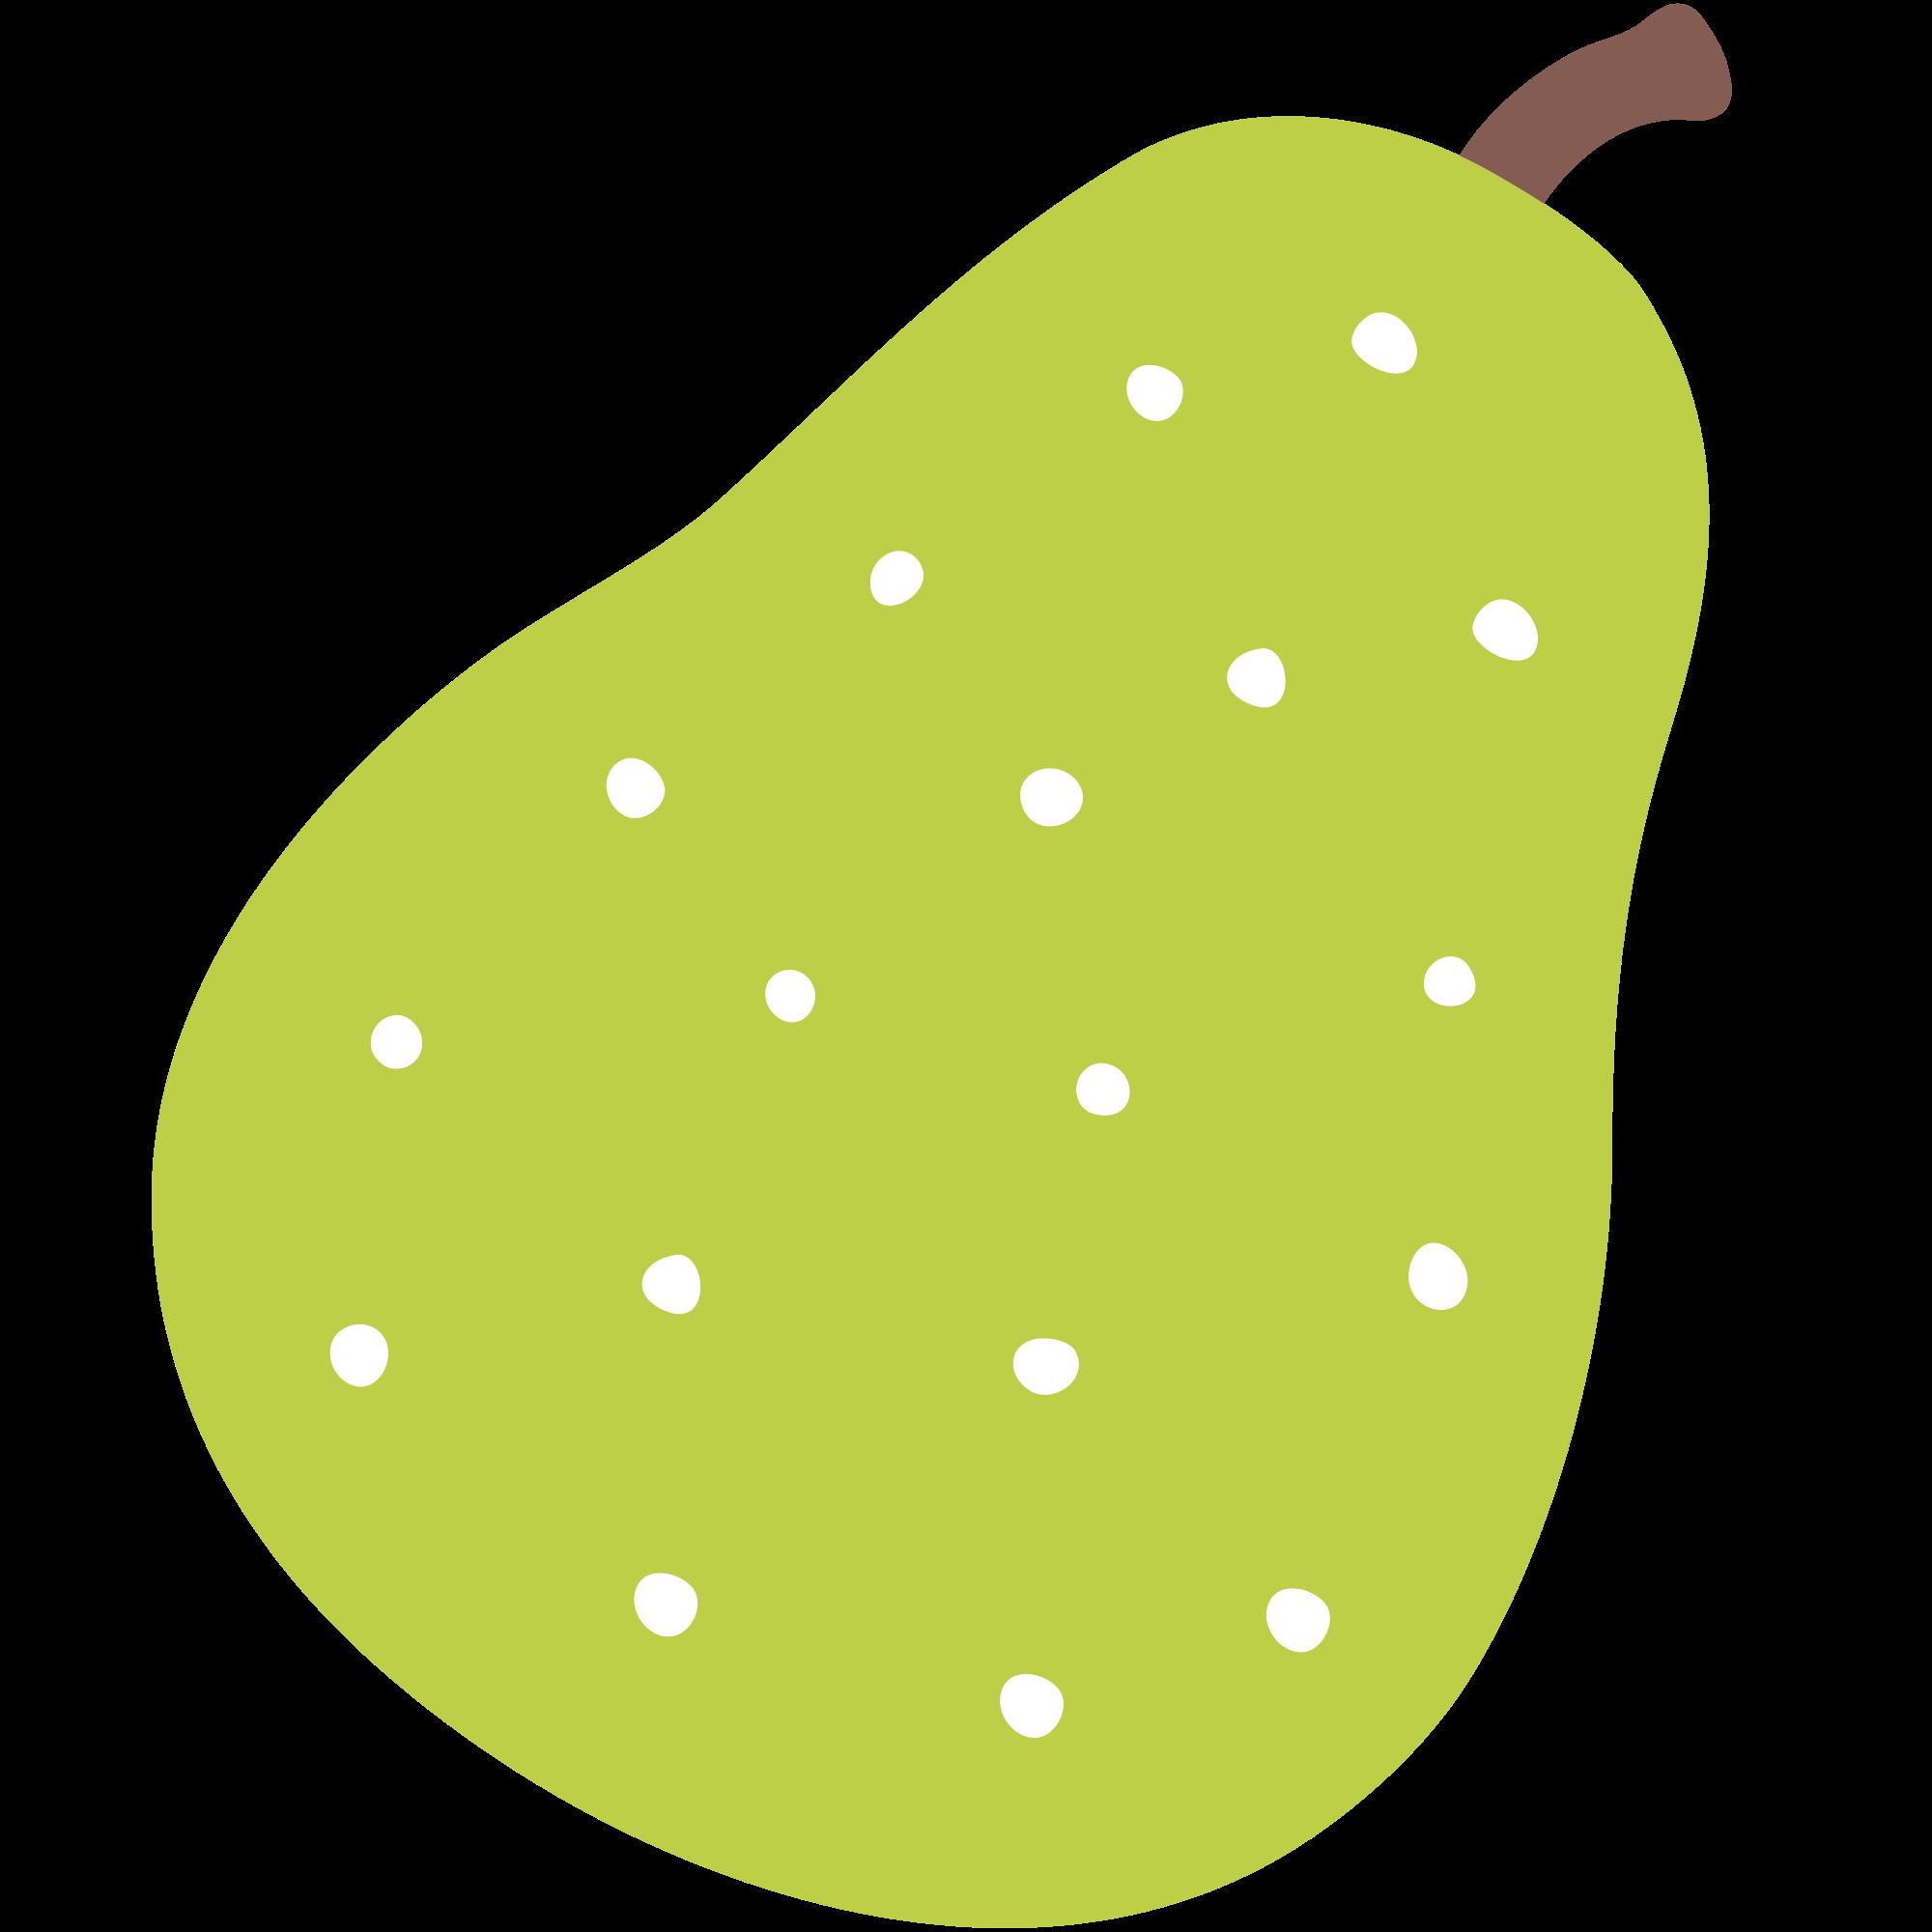 Pear clipart svg. File emoji u f